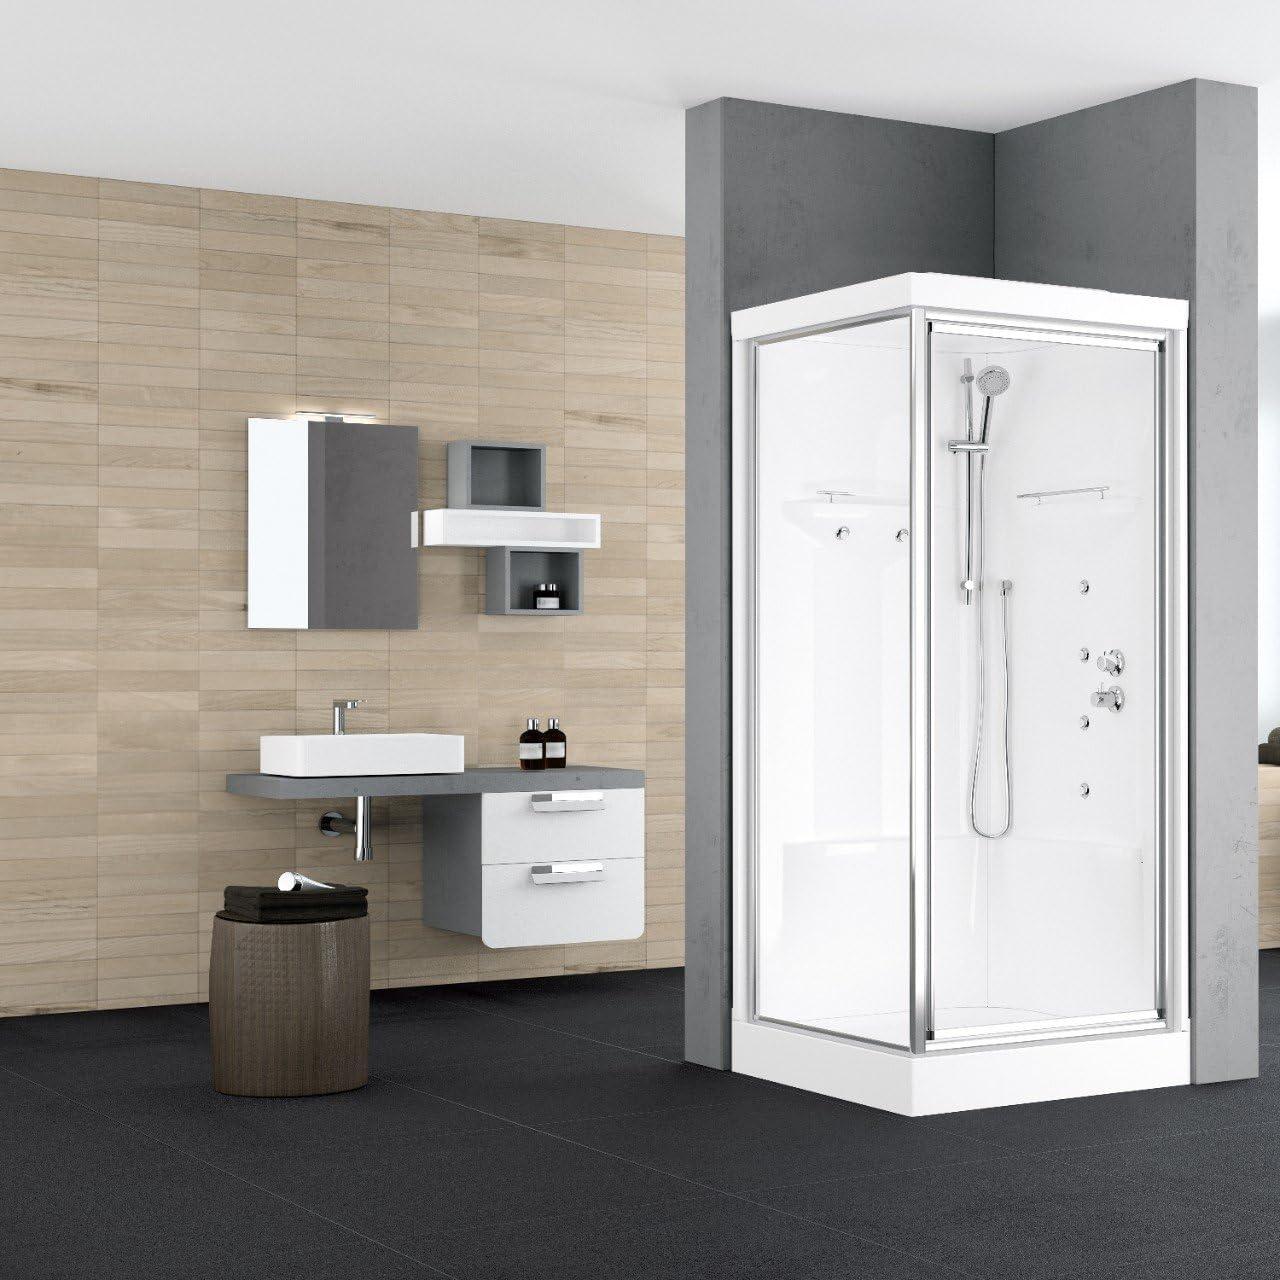 Mampara de ducha multifunción Alba Novellini 120 x 80: Amazon.es ...